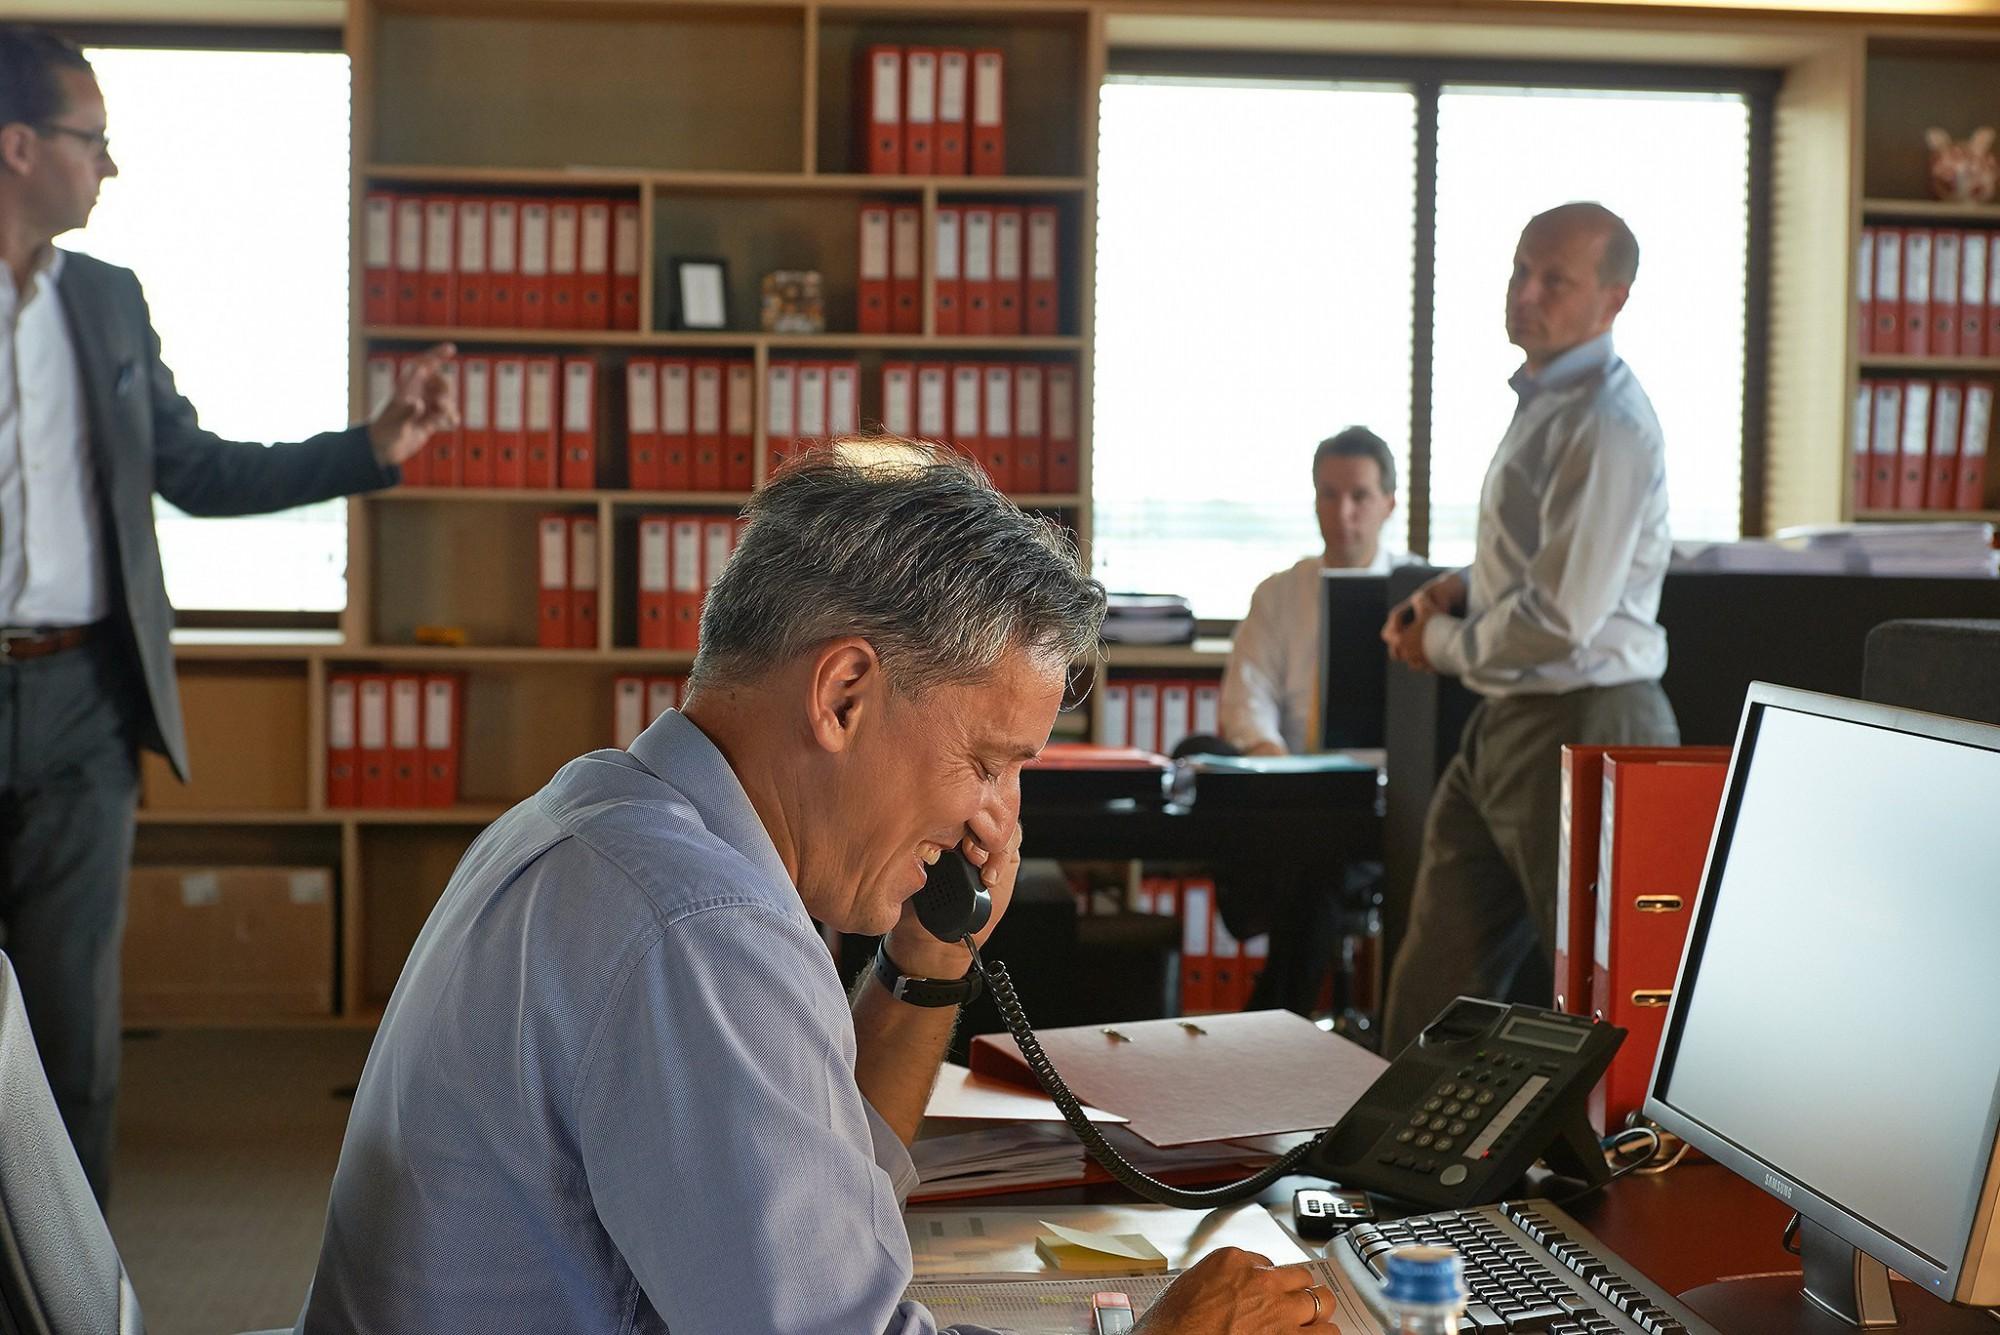 Afbeelding: Bedrijfs reportage voor groep Heylen te Herentals, personeel op bureau Herentals.